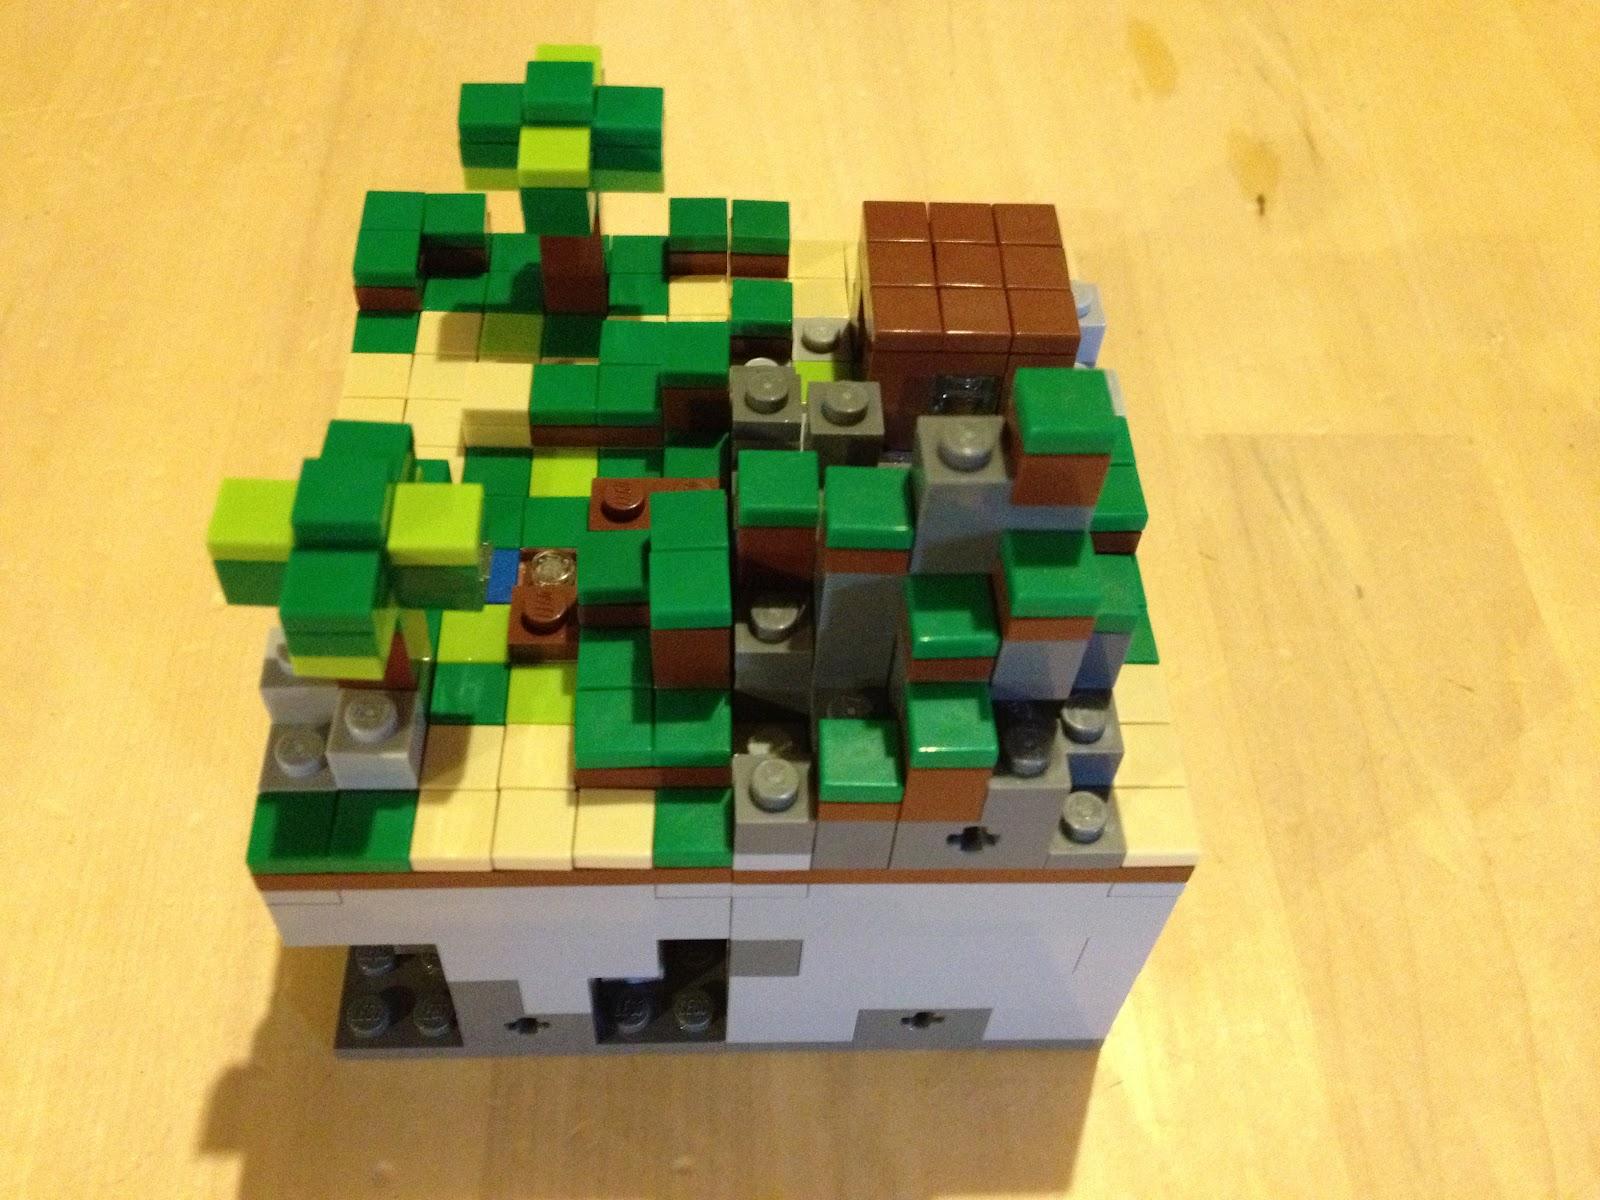 lego minecraft online games